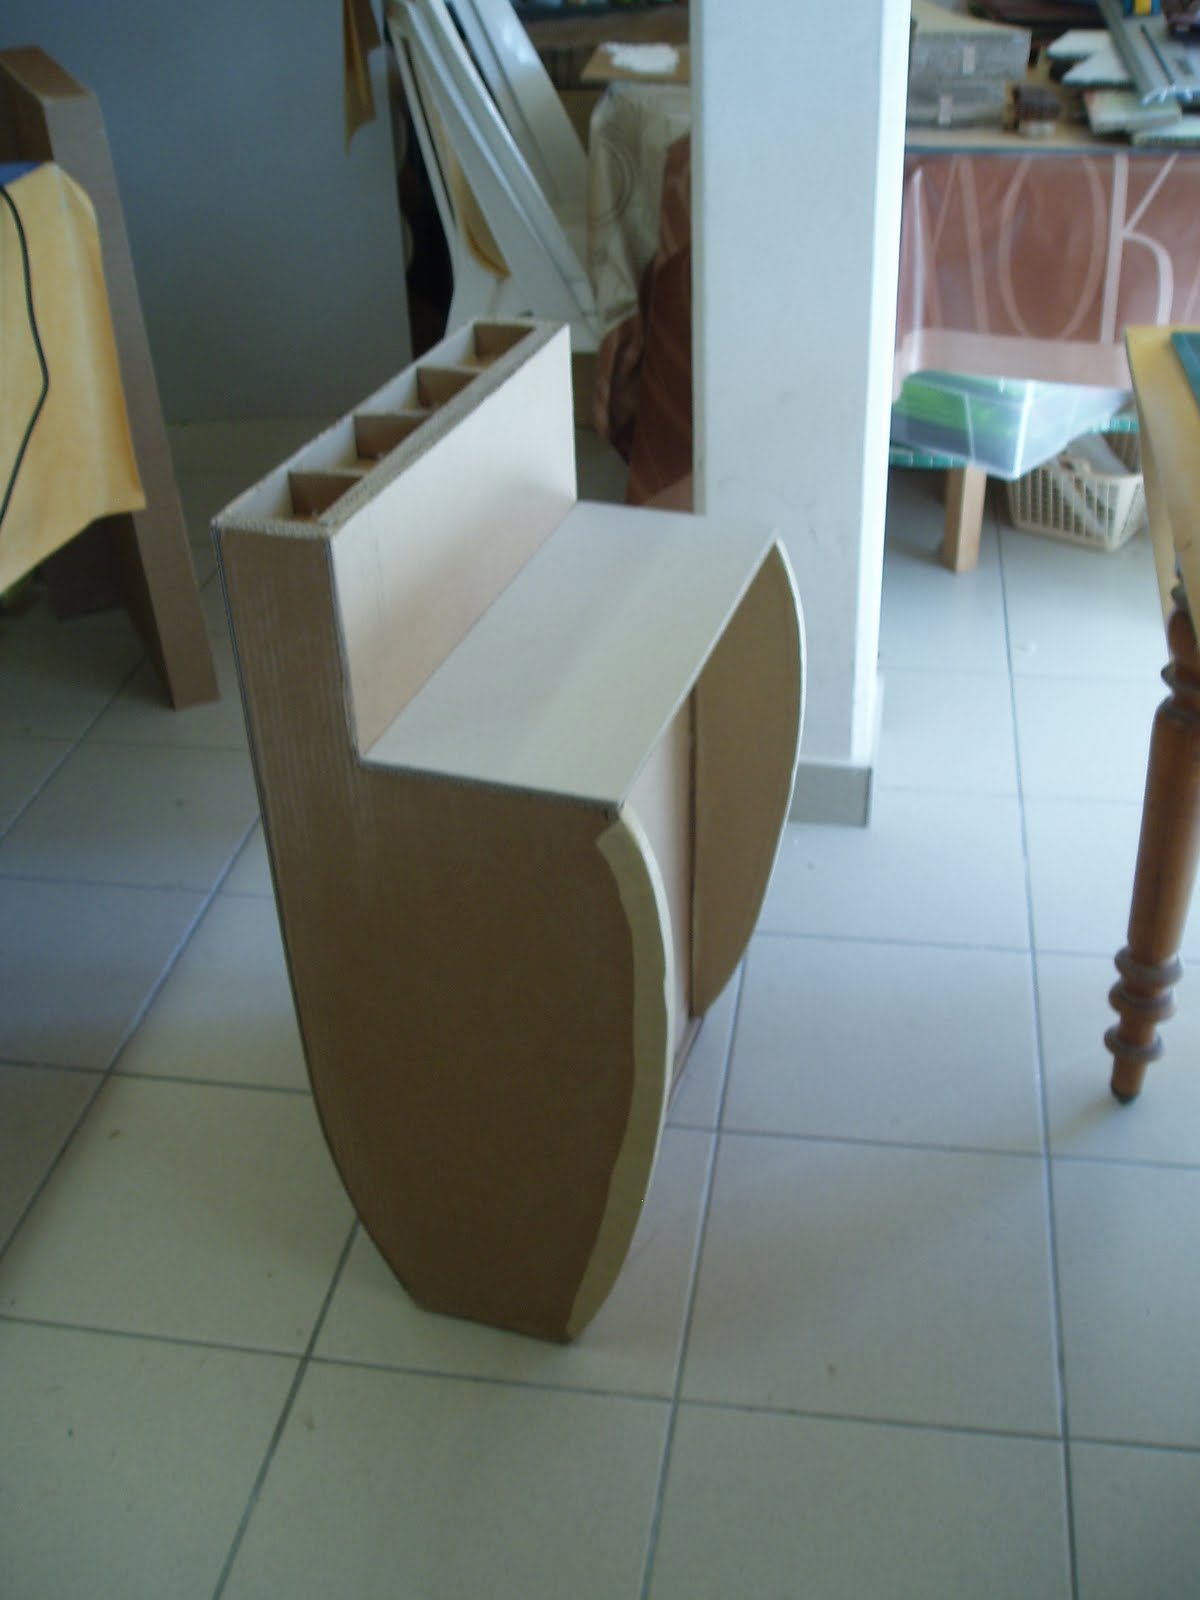 Meuble en carton atsugami avancement du bureau travail de for Finition meuble en carton